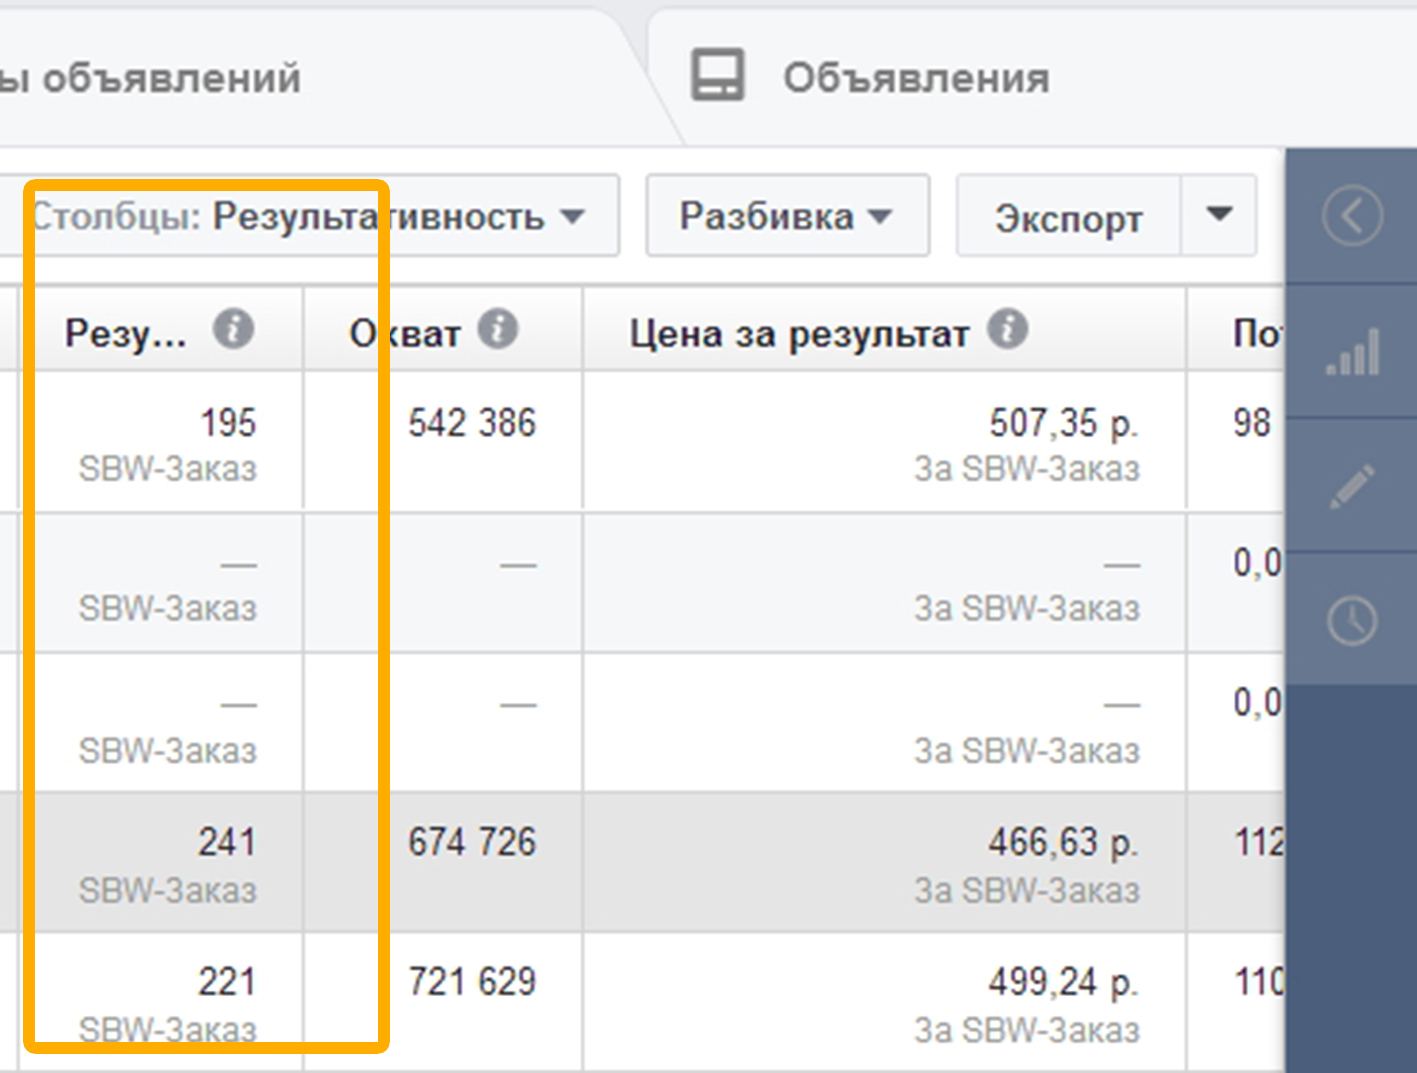 Разновидность отчета со статистикой по полученным конверсиям в менеджере рекламы